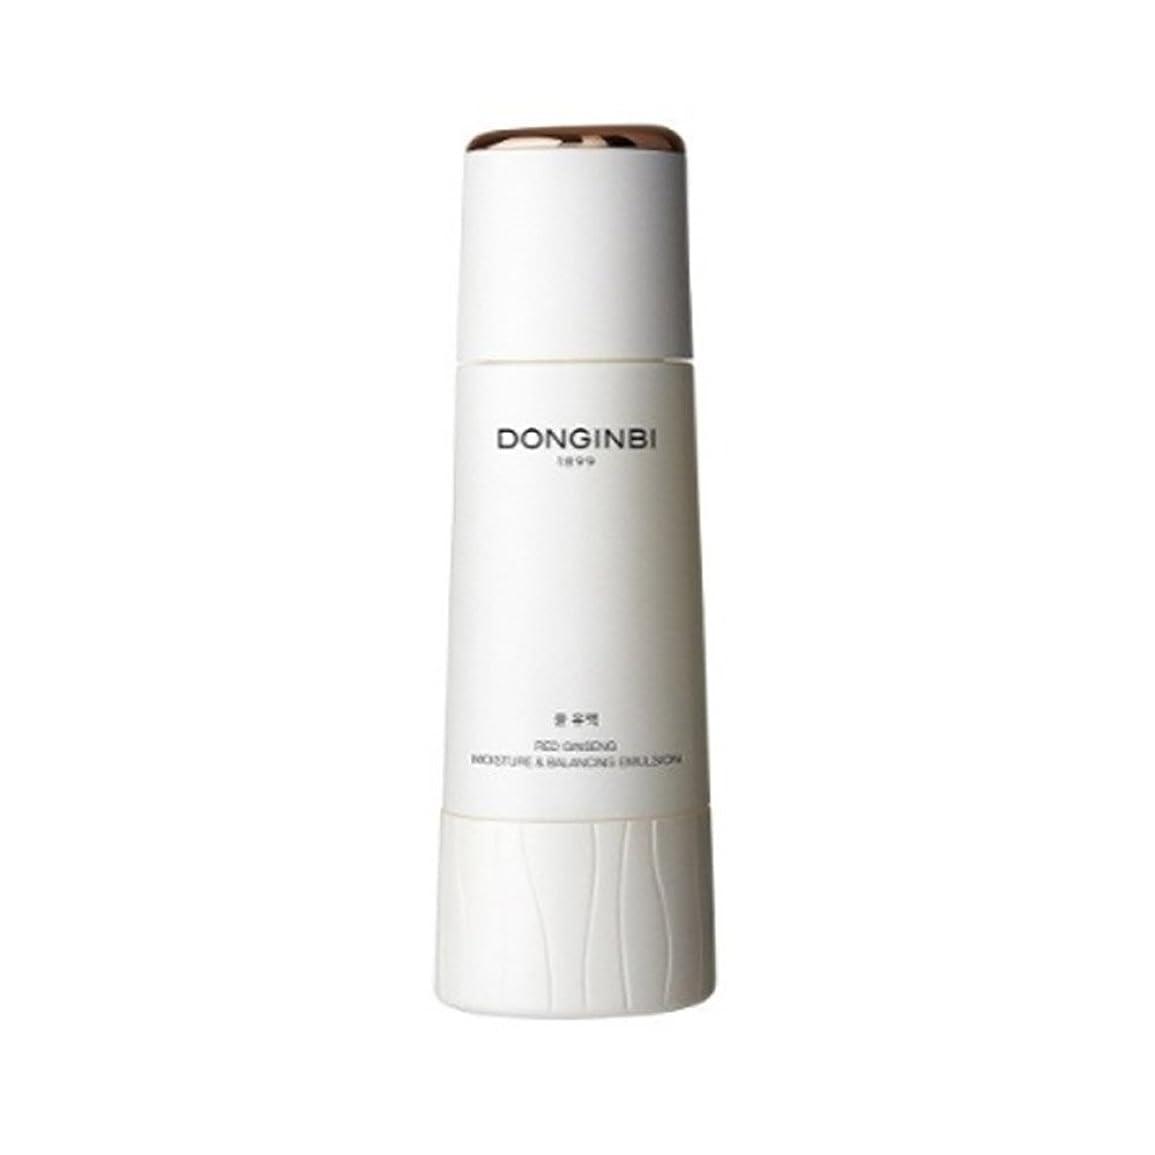 パンチ冗談で事実上[ドンインビ]DONGINBI ドンインビユン 乳液 130ml 海外直送品 Emulsion130ml [並行輸入品]